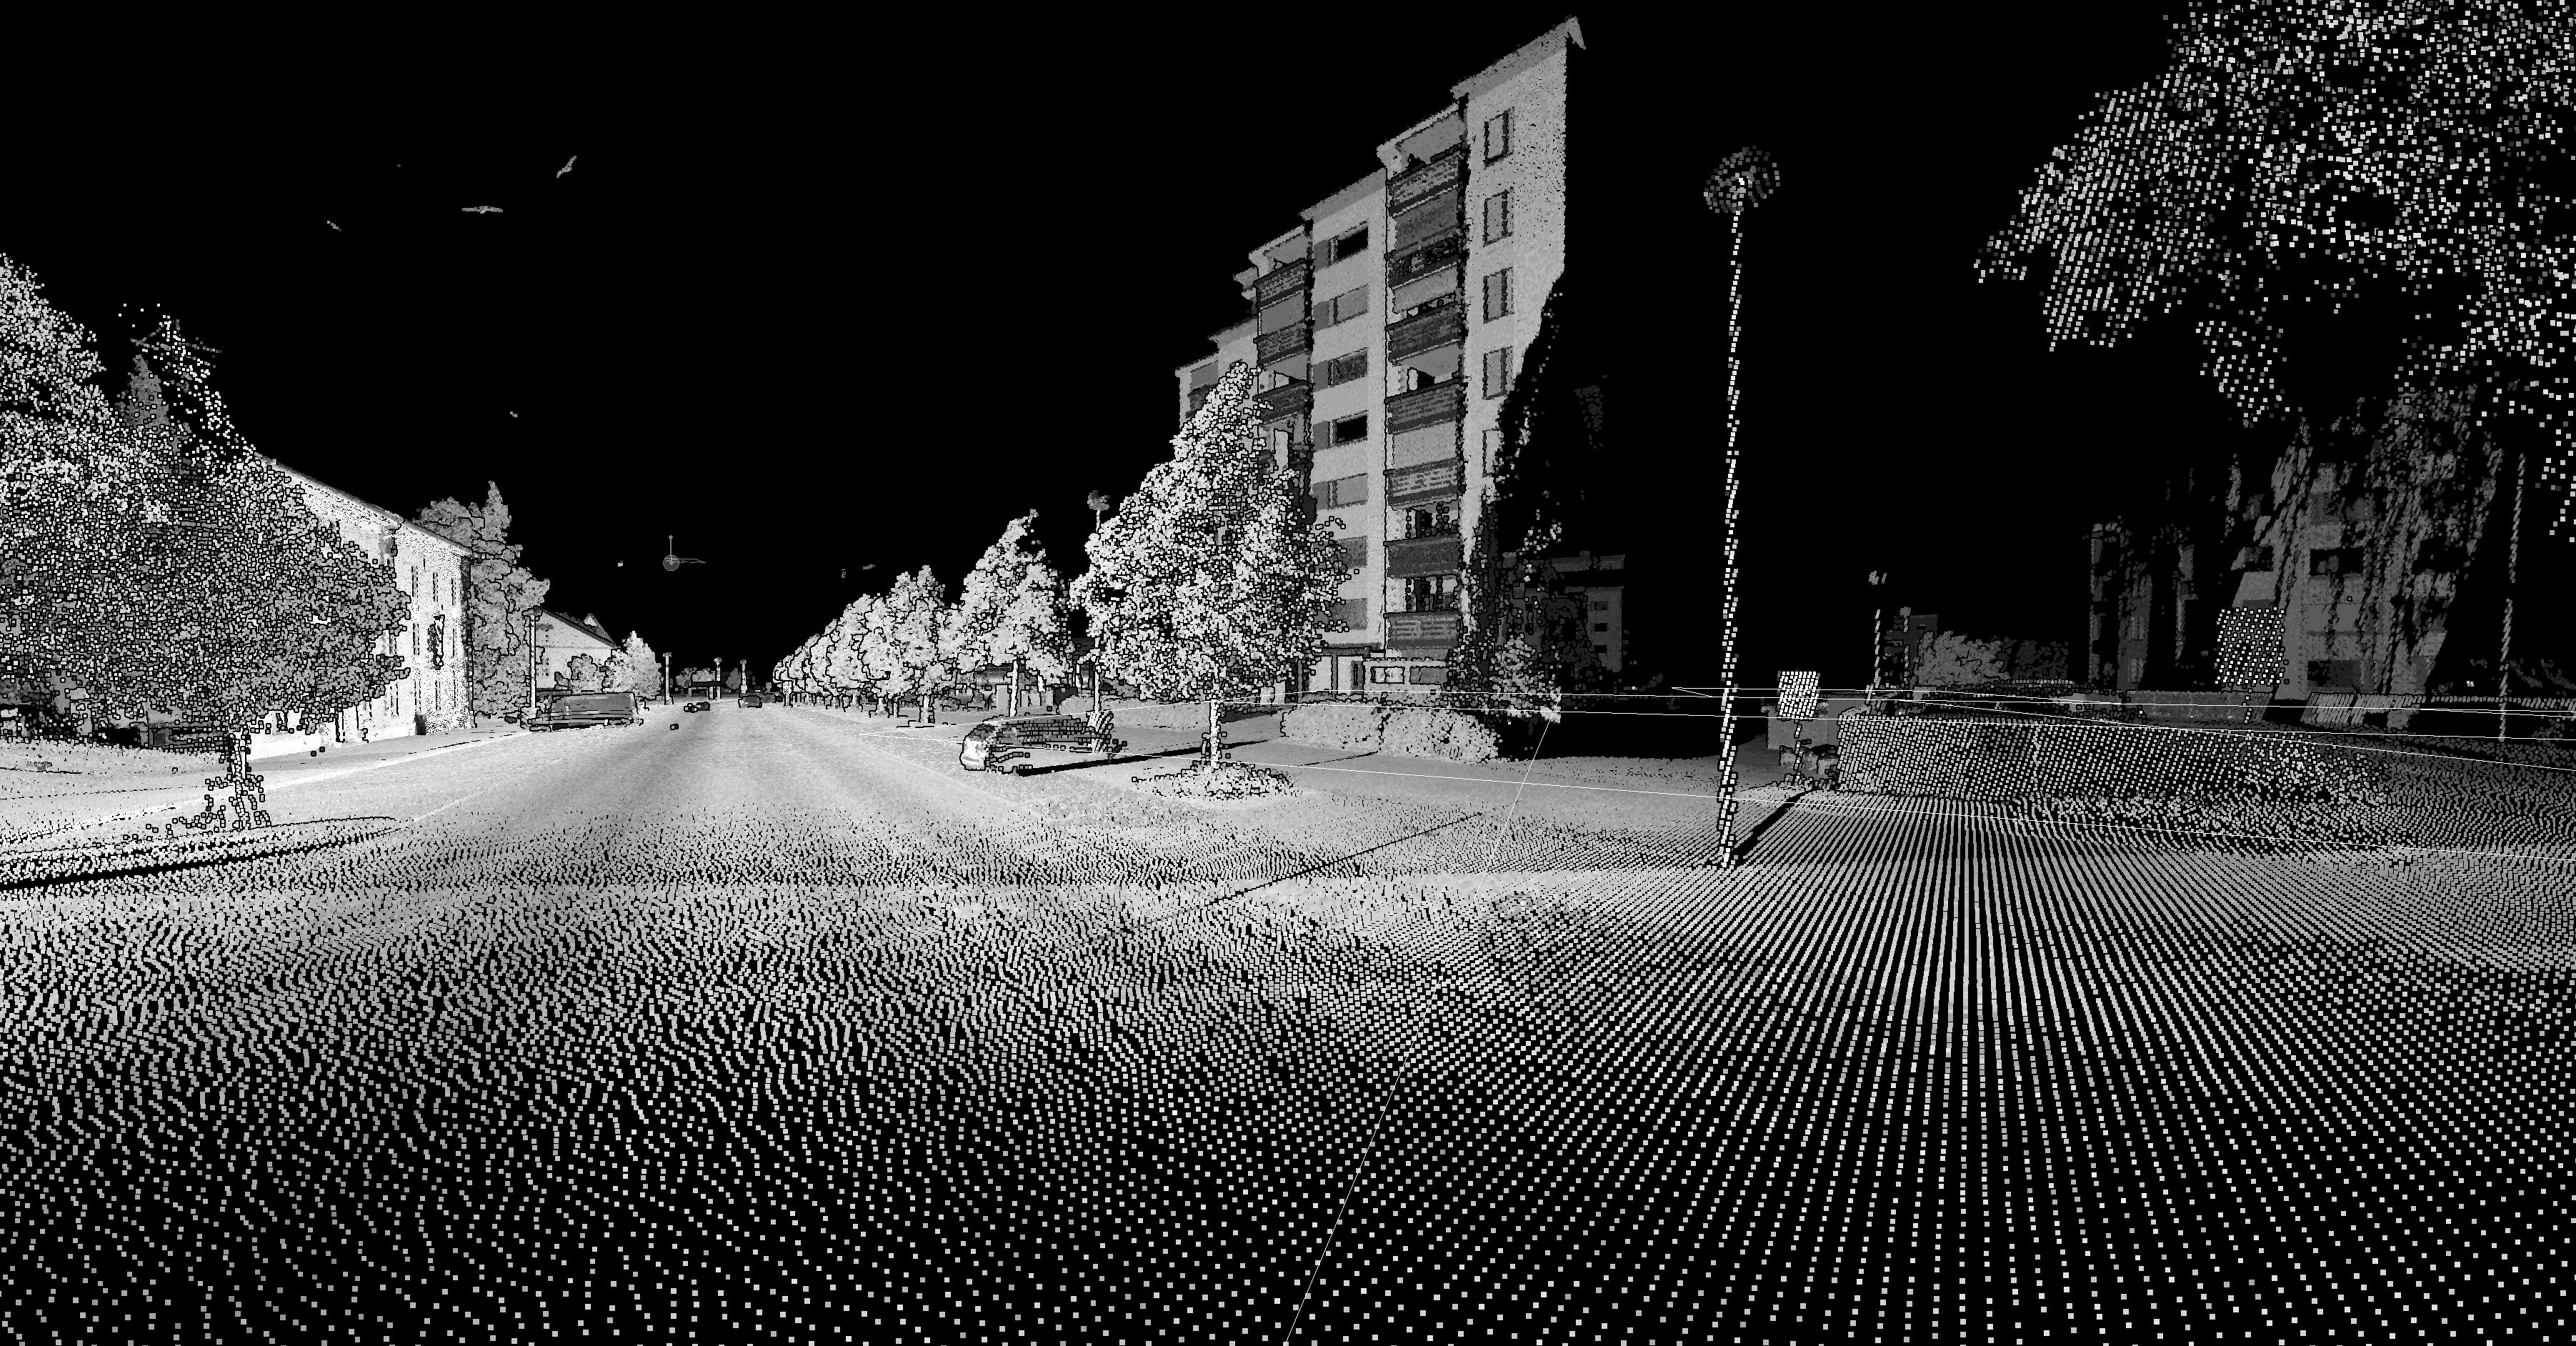 Näkymä 3D-skannattuna